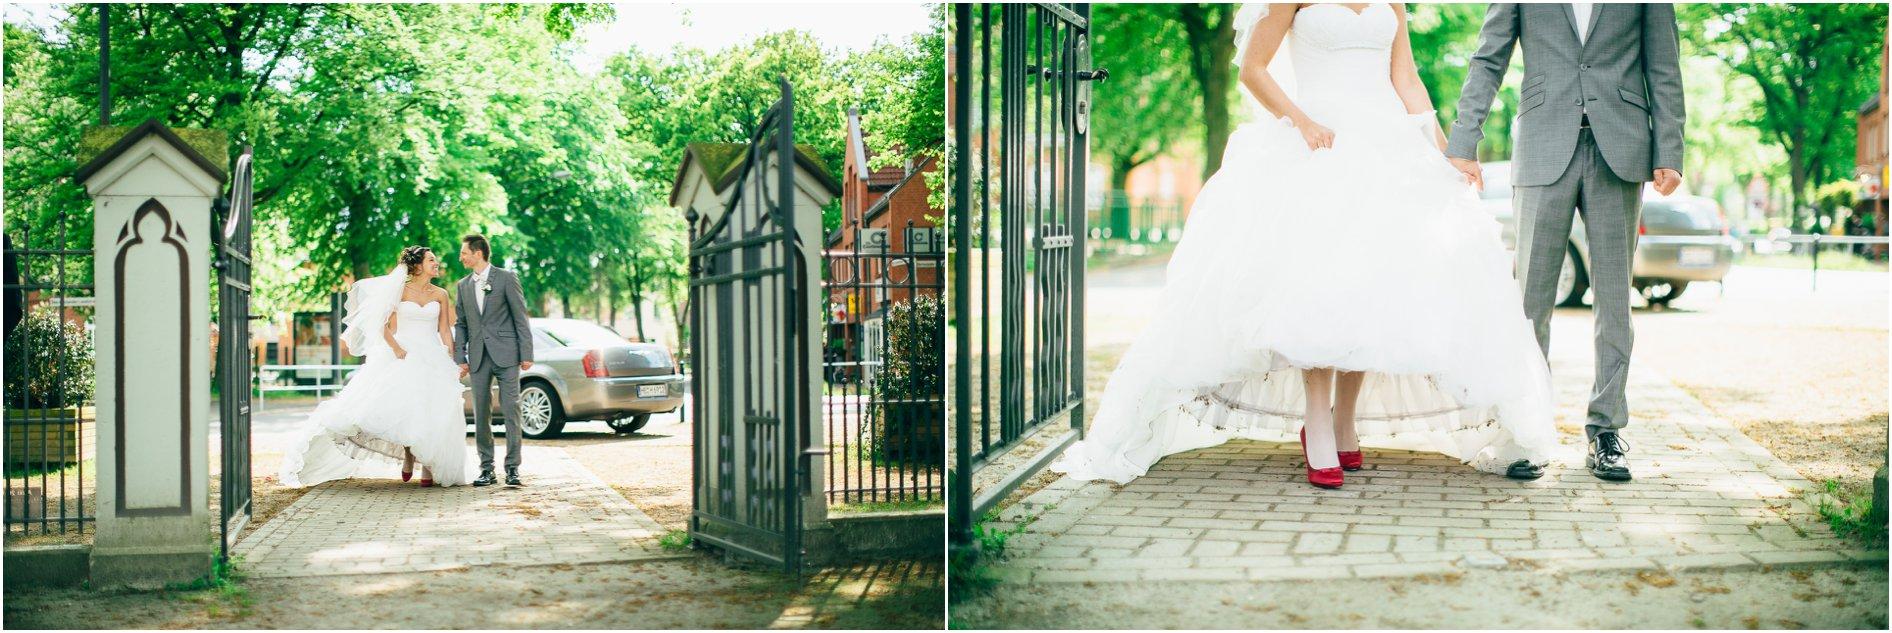 2014-07-16_0191 Anna & Igor - Hochzeitsfotograf in Bremen